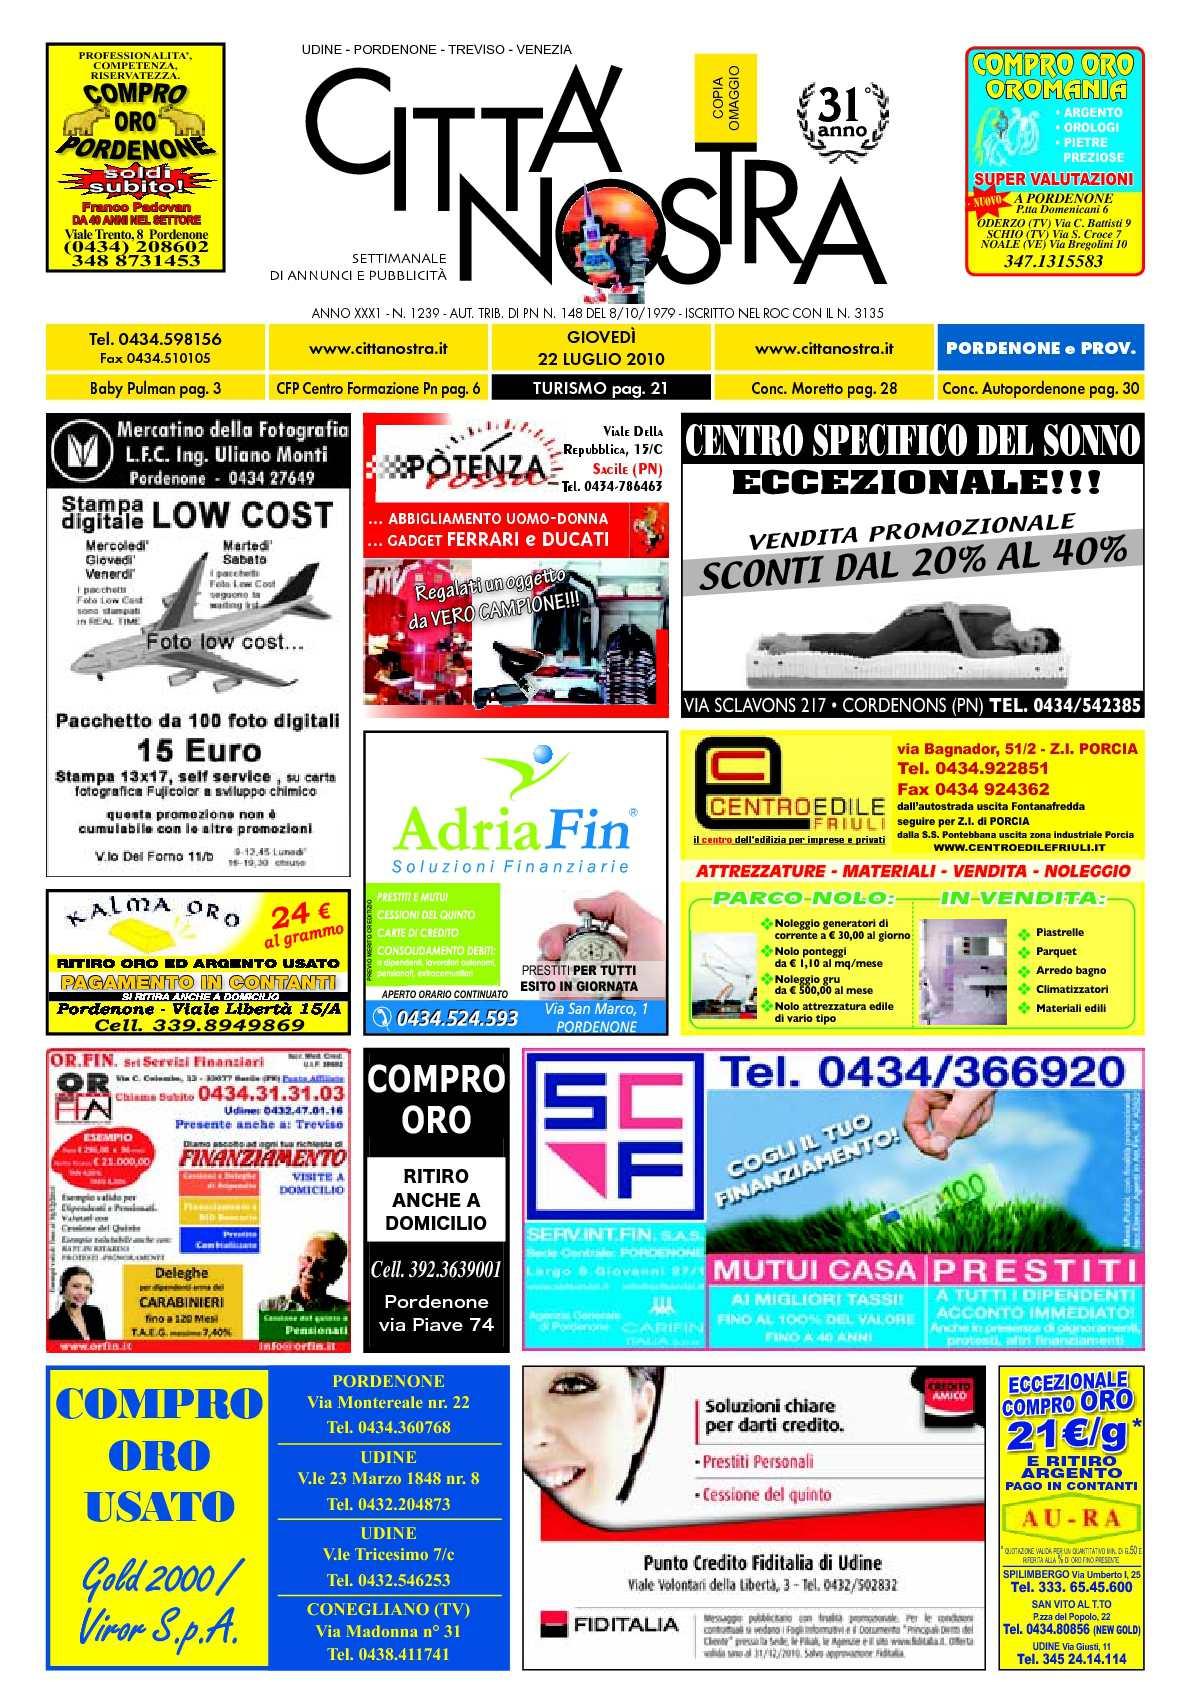 897aa4e35e06 Calaméo - Città Nostra Pordenone del 22.07.2010 n. 1239